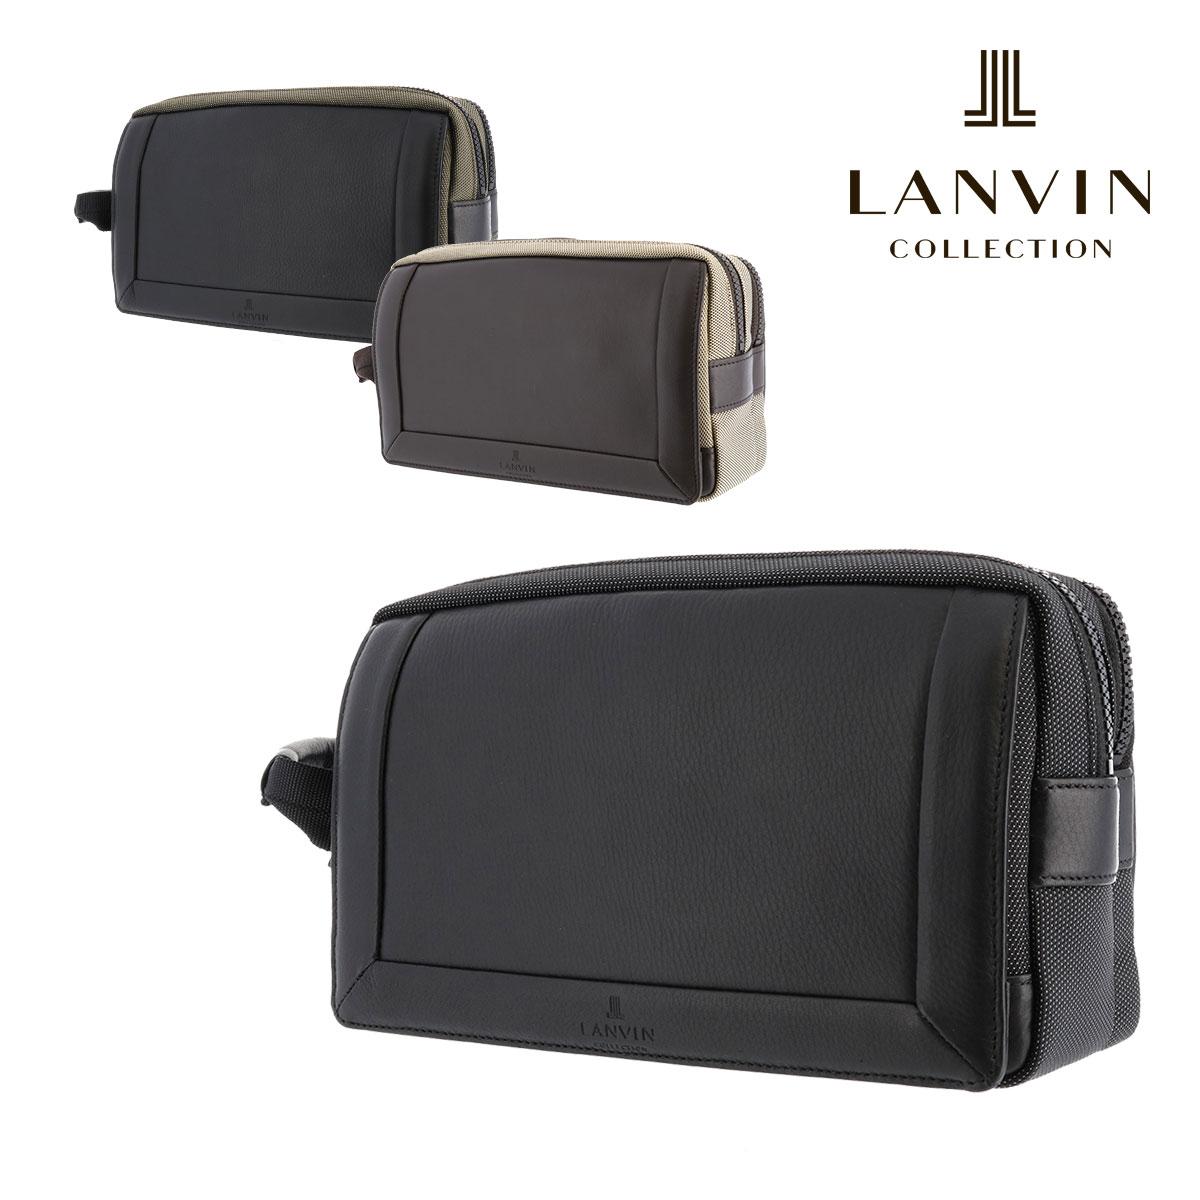 ランバンコレクション セカンドバッグ アクタス メンズ 289202 日本製 LANVIN COLLECTION | ナイロン 本革 レザー[bef][PO5]